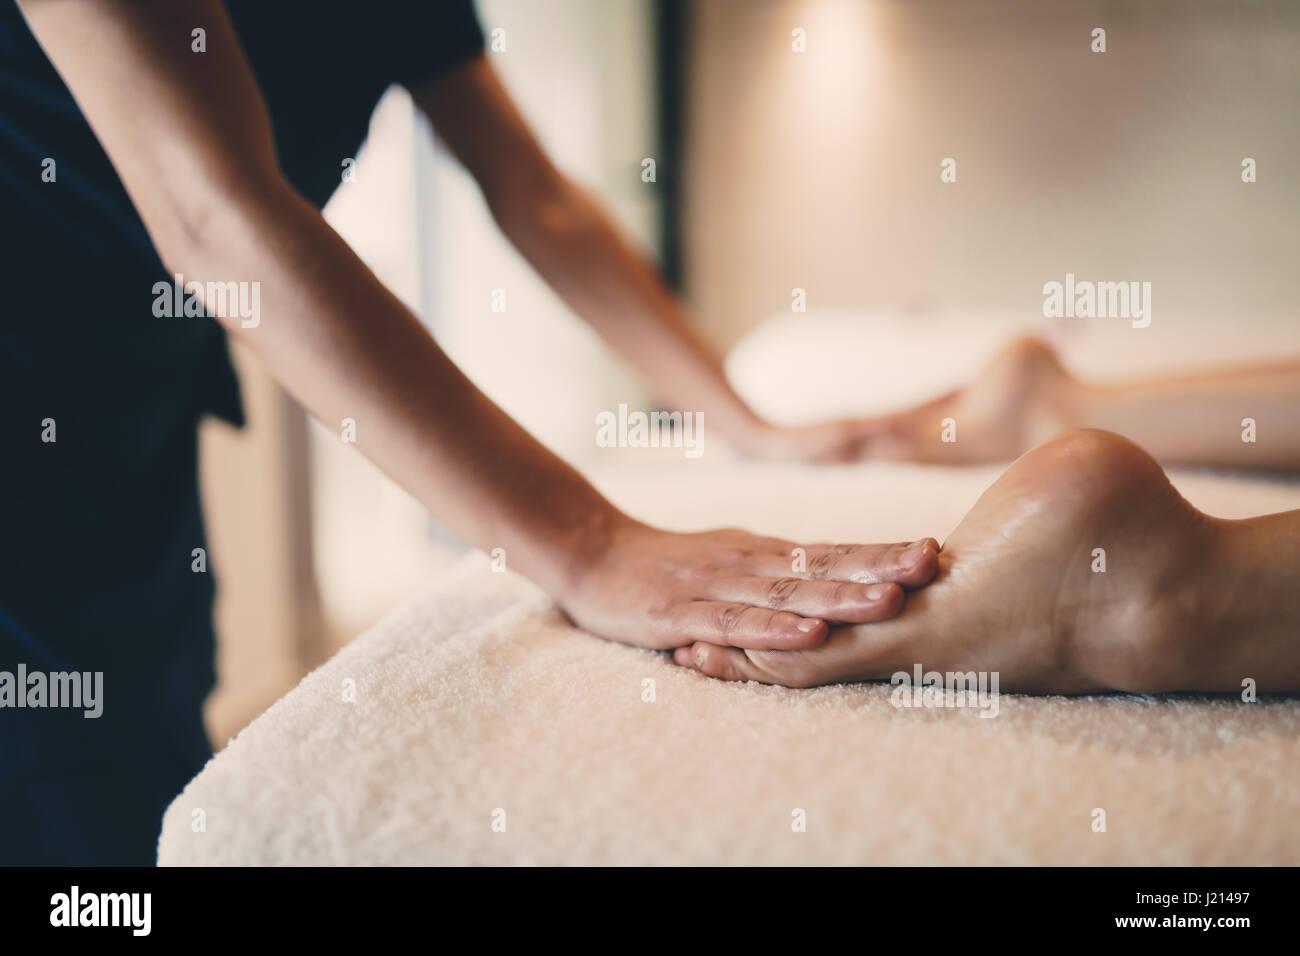 Pied et seule dans le traitement de massage thérapeutique vous détendre au spa Photo Stock